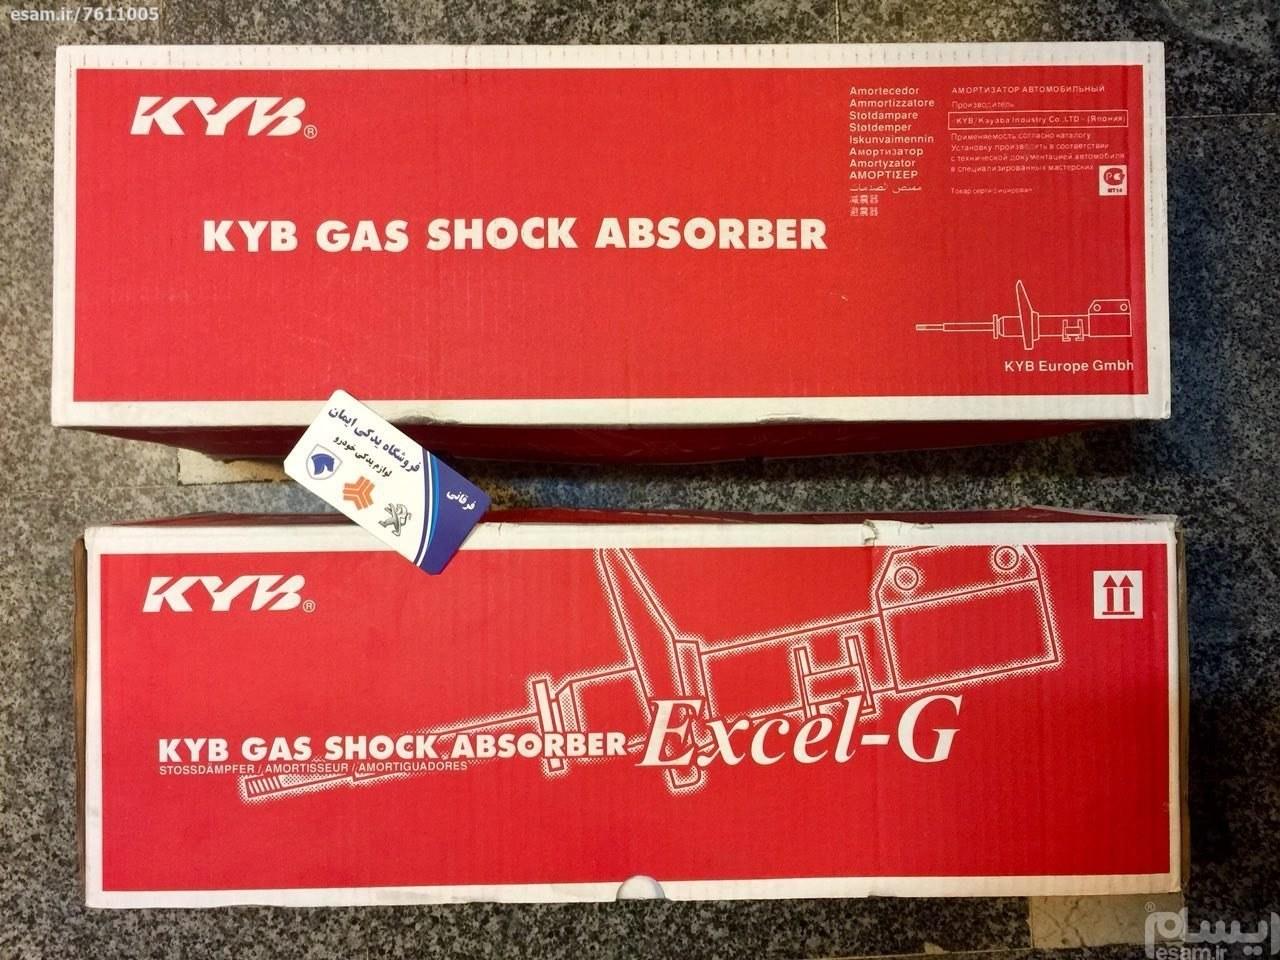 عکس جفت کمک جلو گازی پژو 405 سمند پارس KYB اسپانیا  جفت-کمک-جلو-گازی-پژو-405-سمند-پارس-kyb-اسپانیا